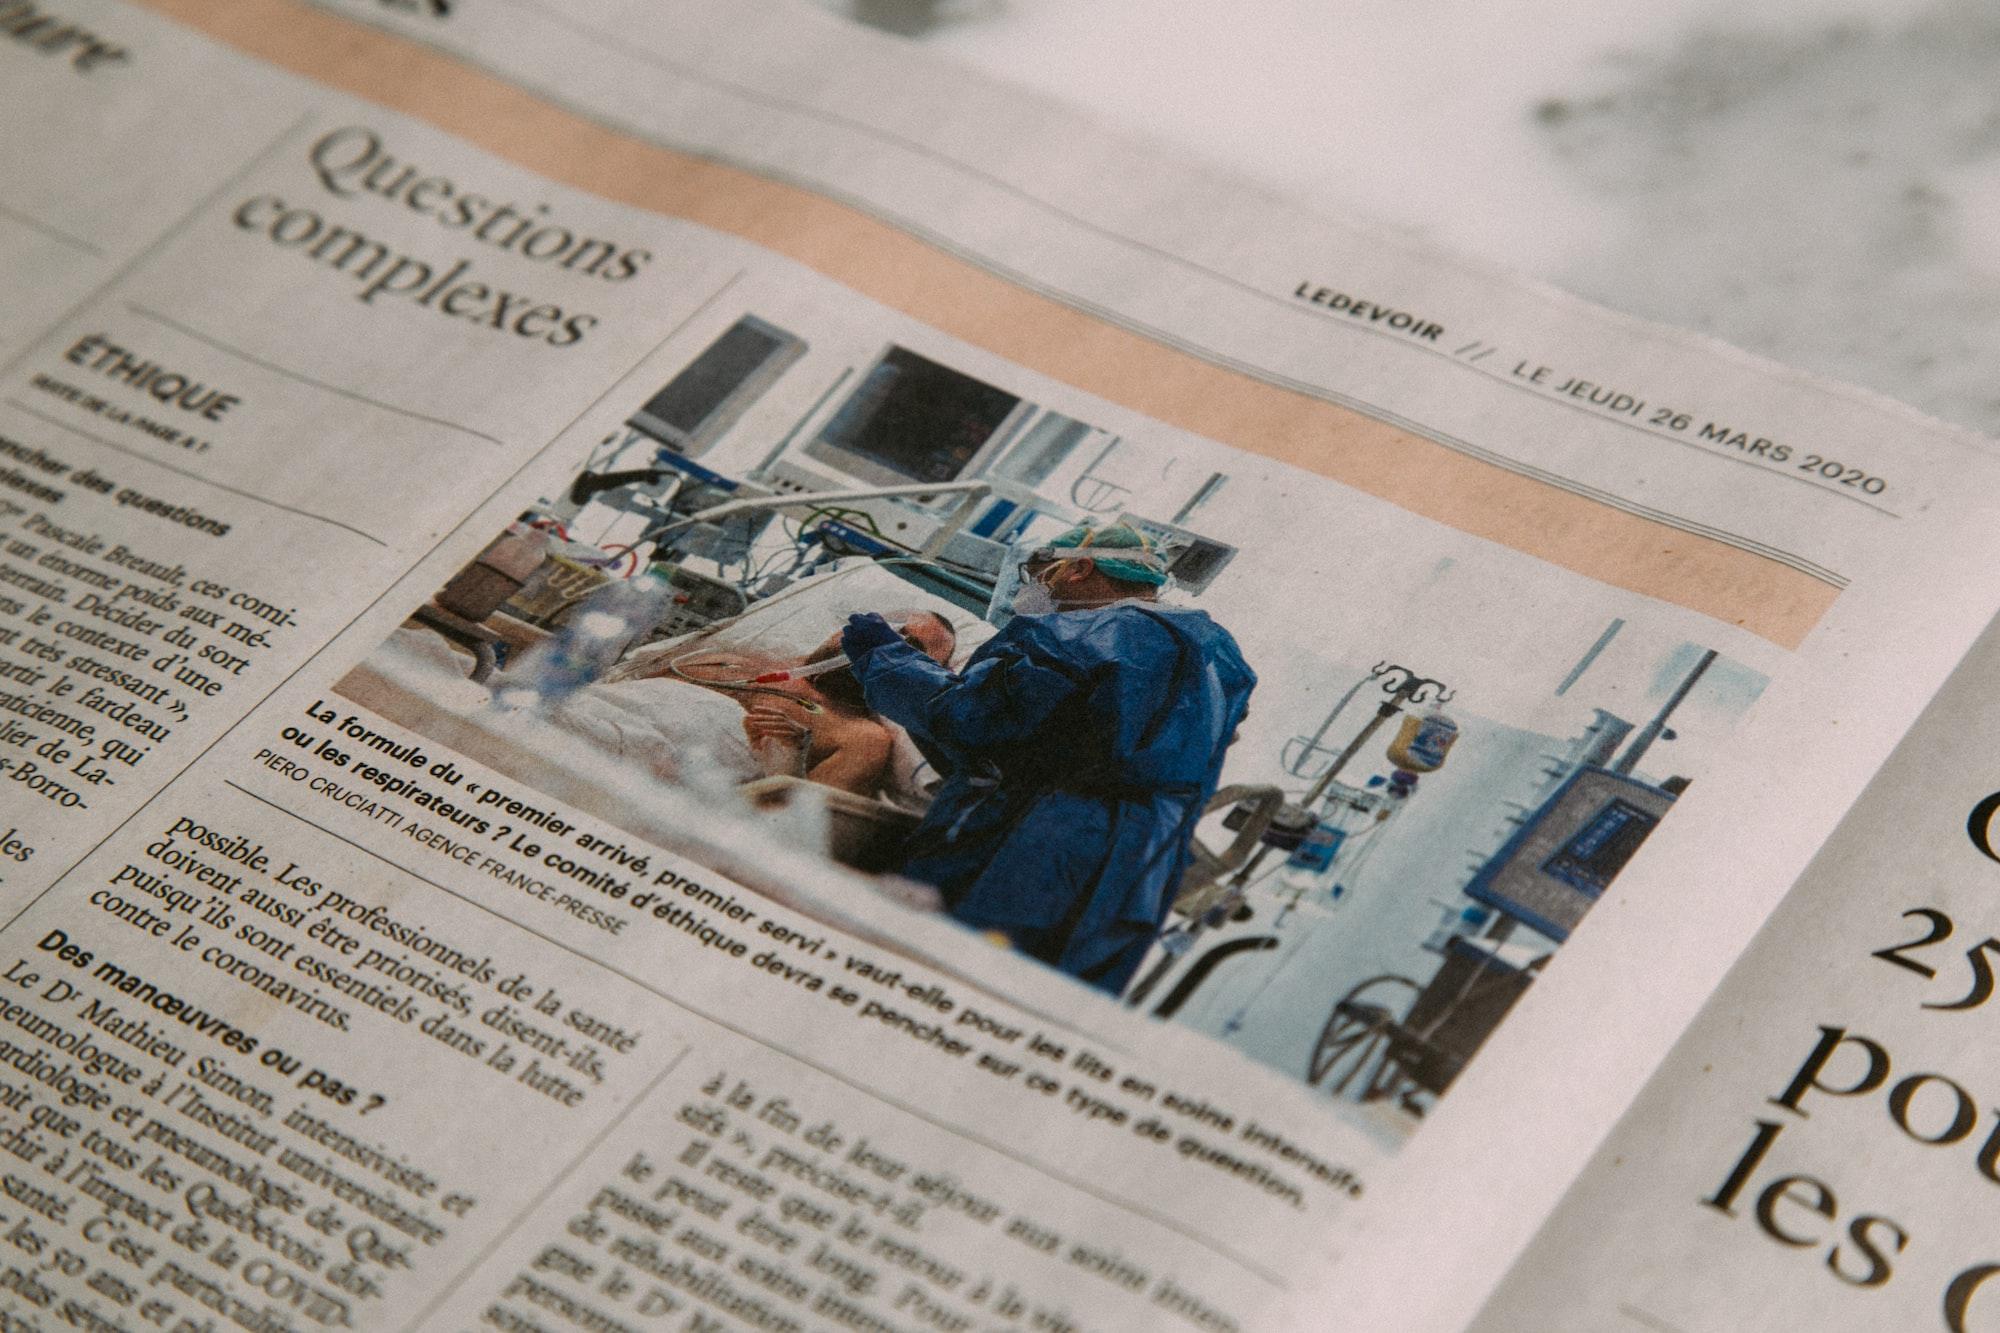 Doctors treating patients (Newspaper)Mối quan hệ giữa định hướng và xu hướng nghề nghiệp